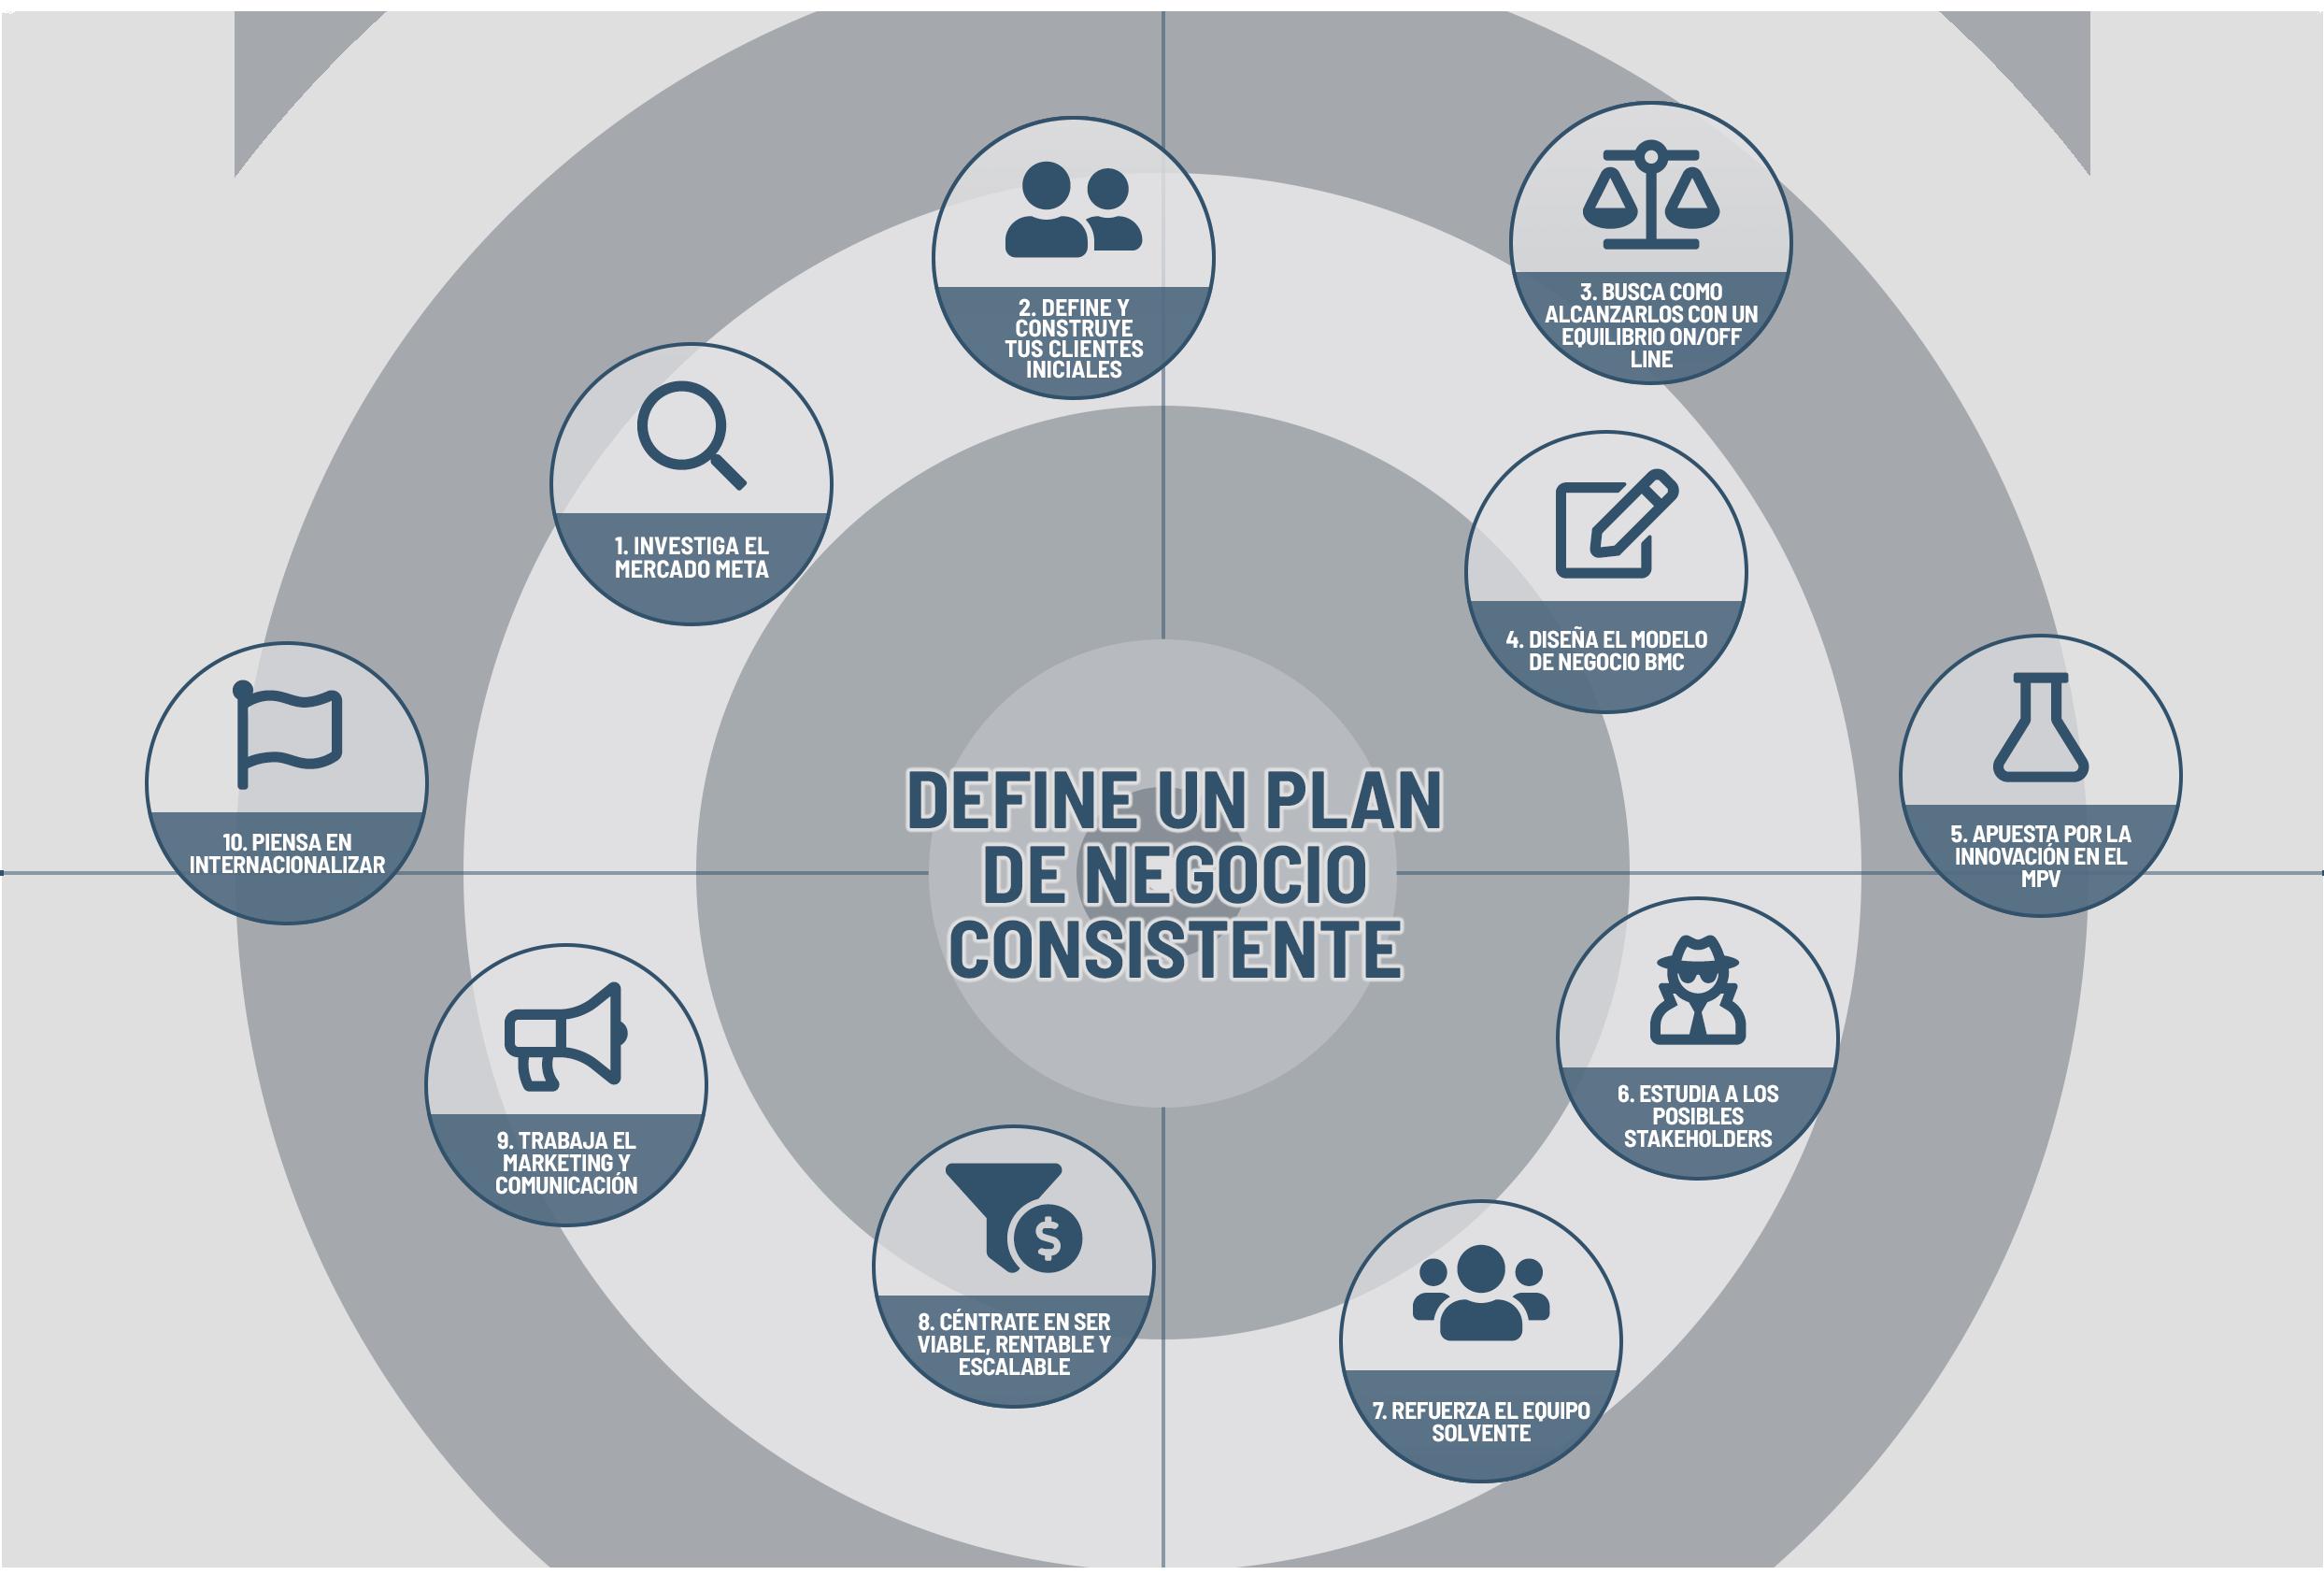 plan-negocio-consistente